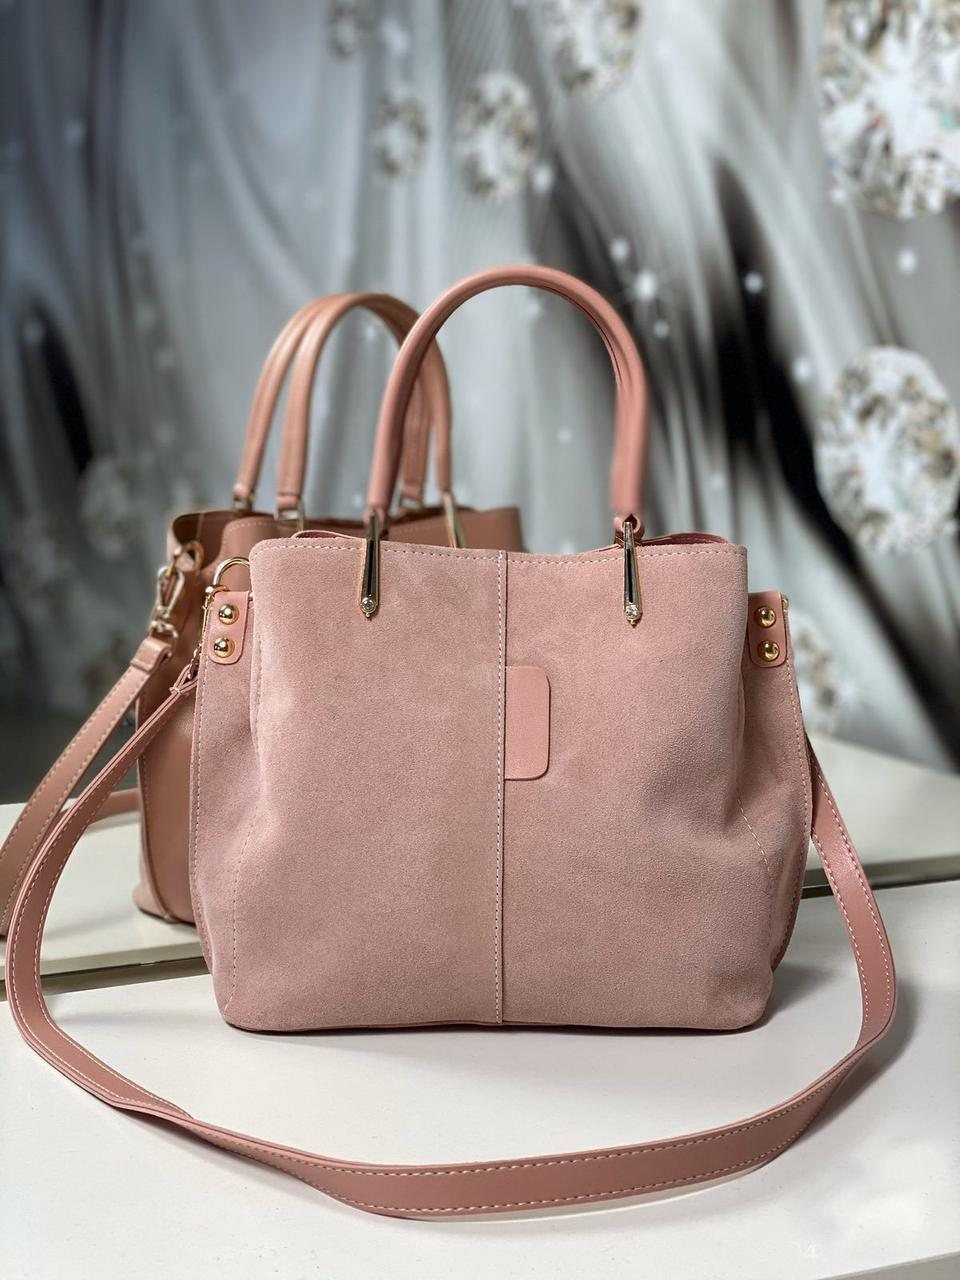 Сумочка женская небольшая замшевая сумка классическая на плечо пудра замша+экокожа